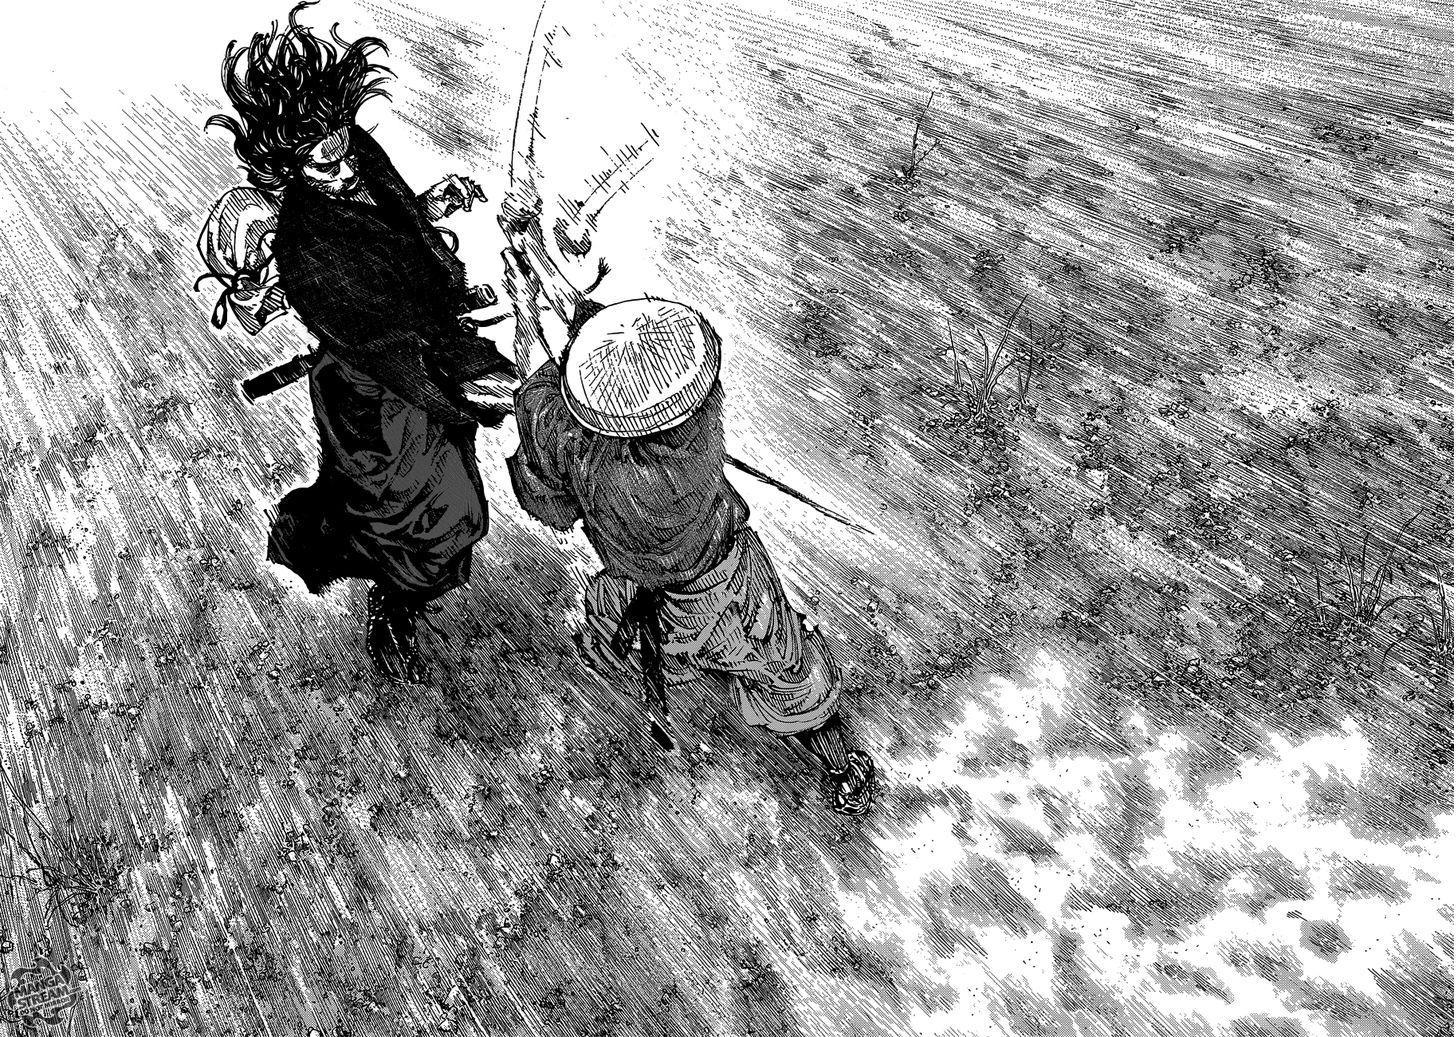 5 Historical Manga dengan Cerita dan Aksi yang Memukau Mata 6